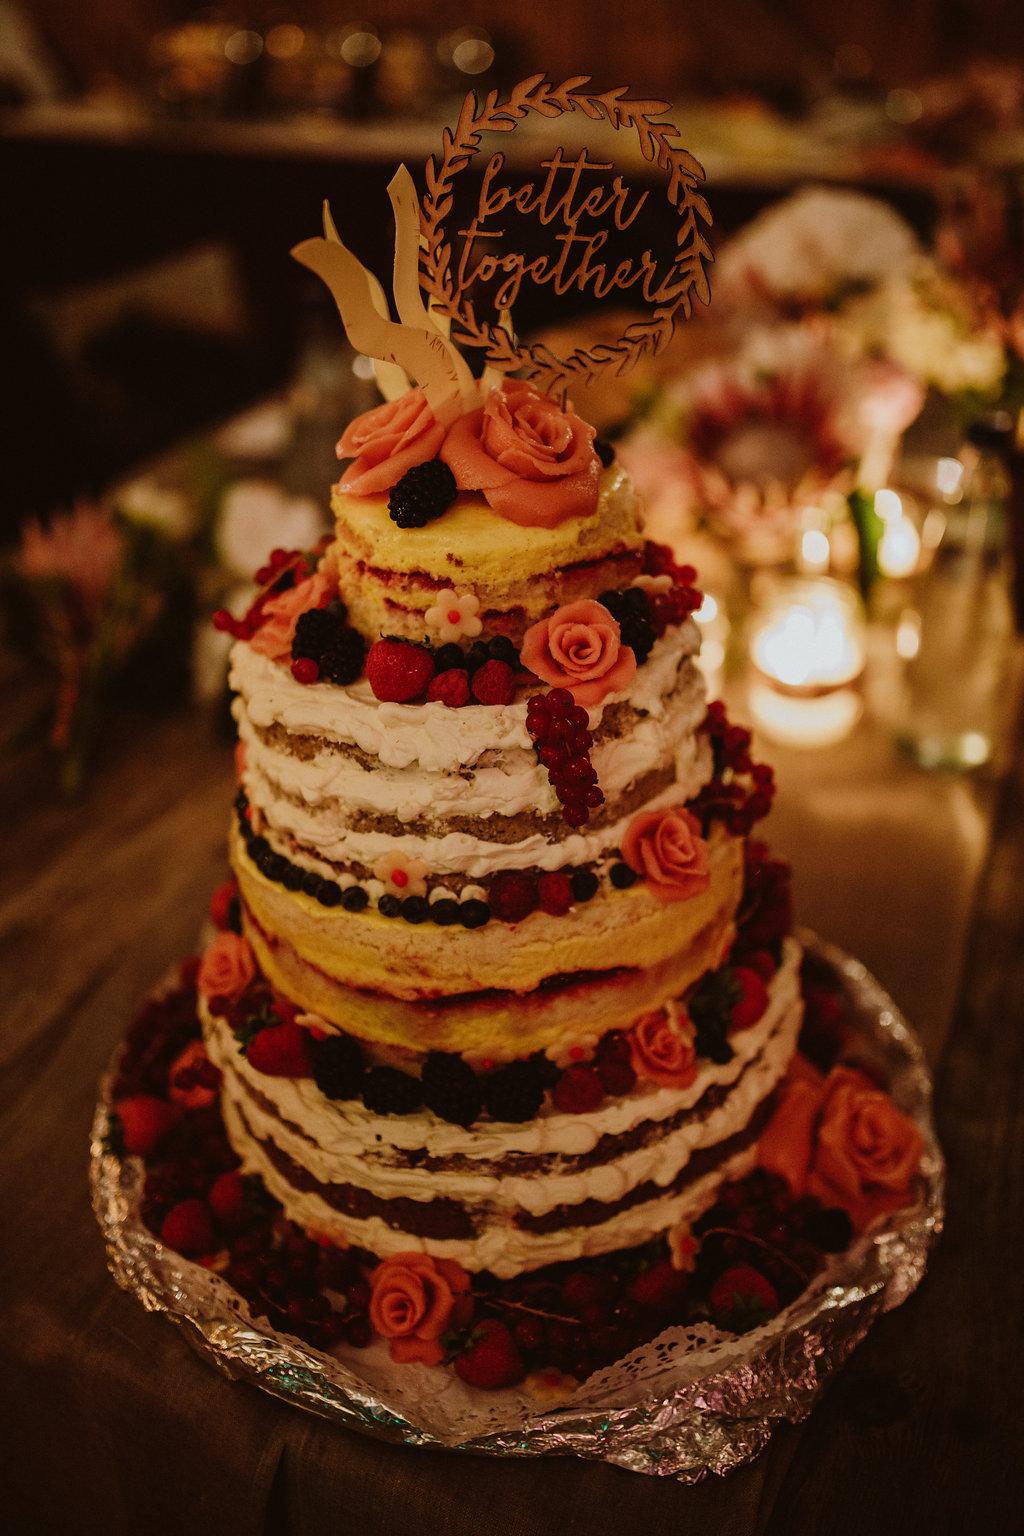 thefwedding Wedding Decor & Styling